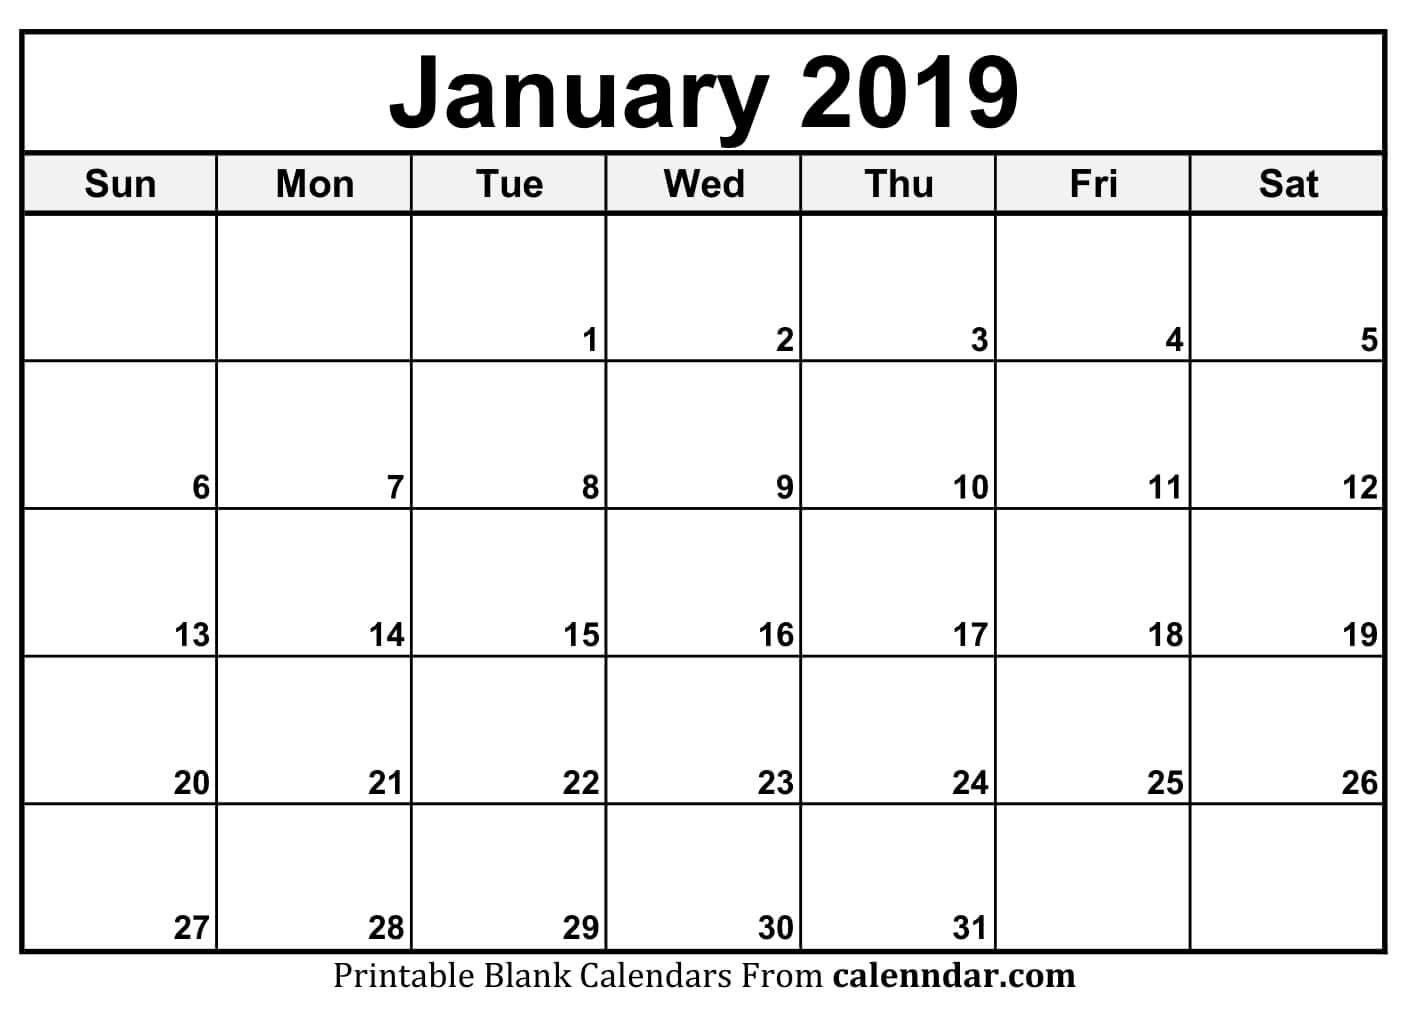 Blank January 2019 Calendar Templates – Calenndar January 2 2019 Calendar